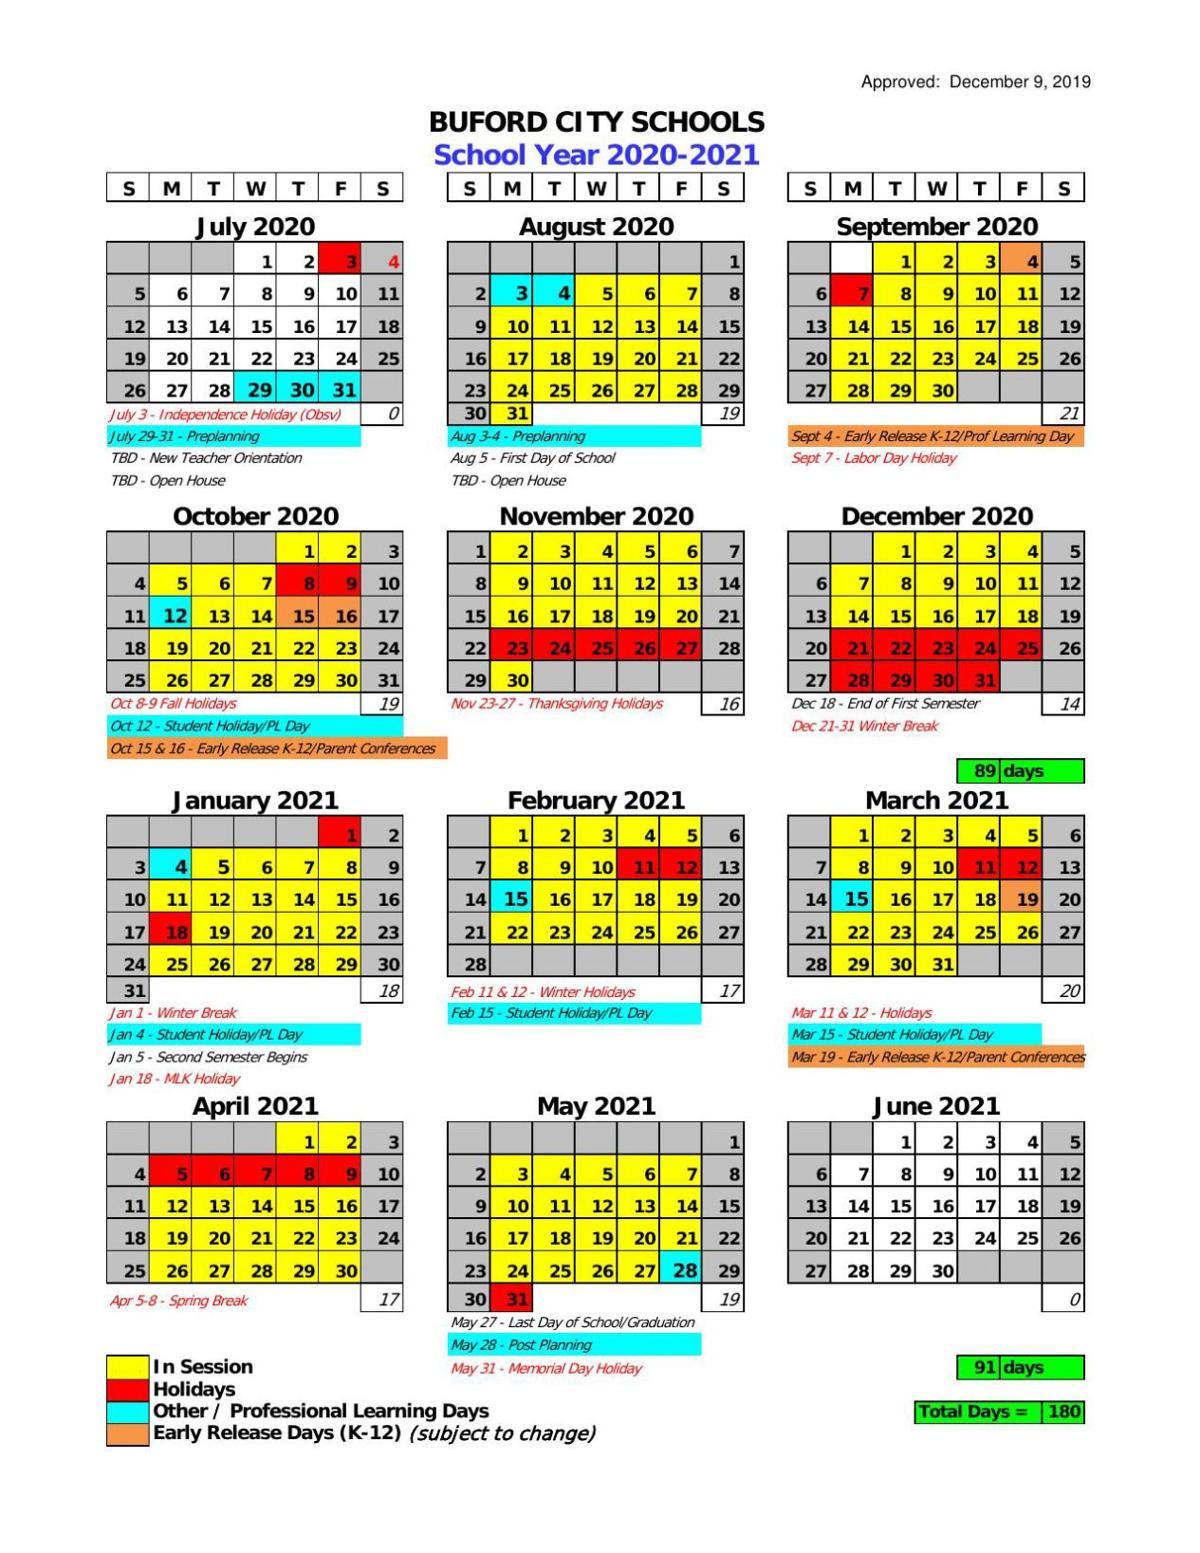 Coweta County School Calendar 2021-22 Buford City Schools 2020 21 Calendar | | gwinnettdailypost.com